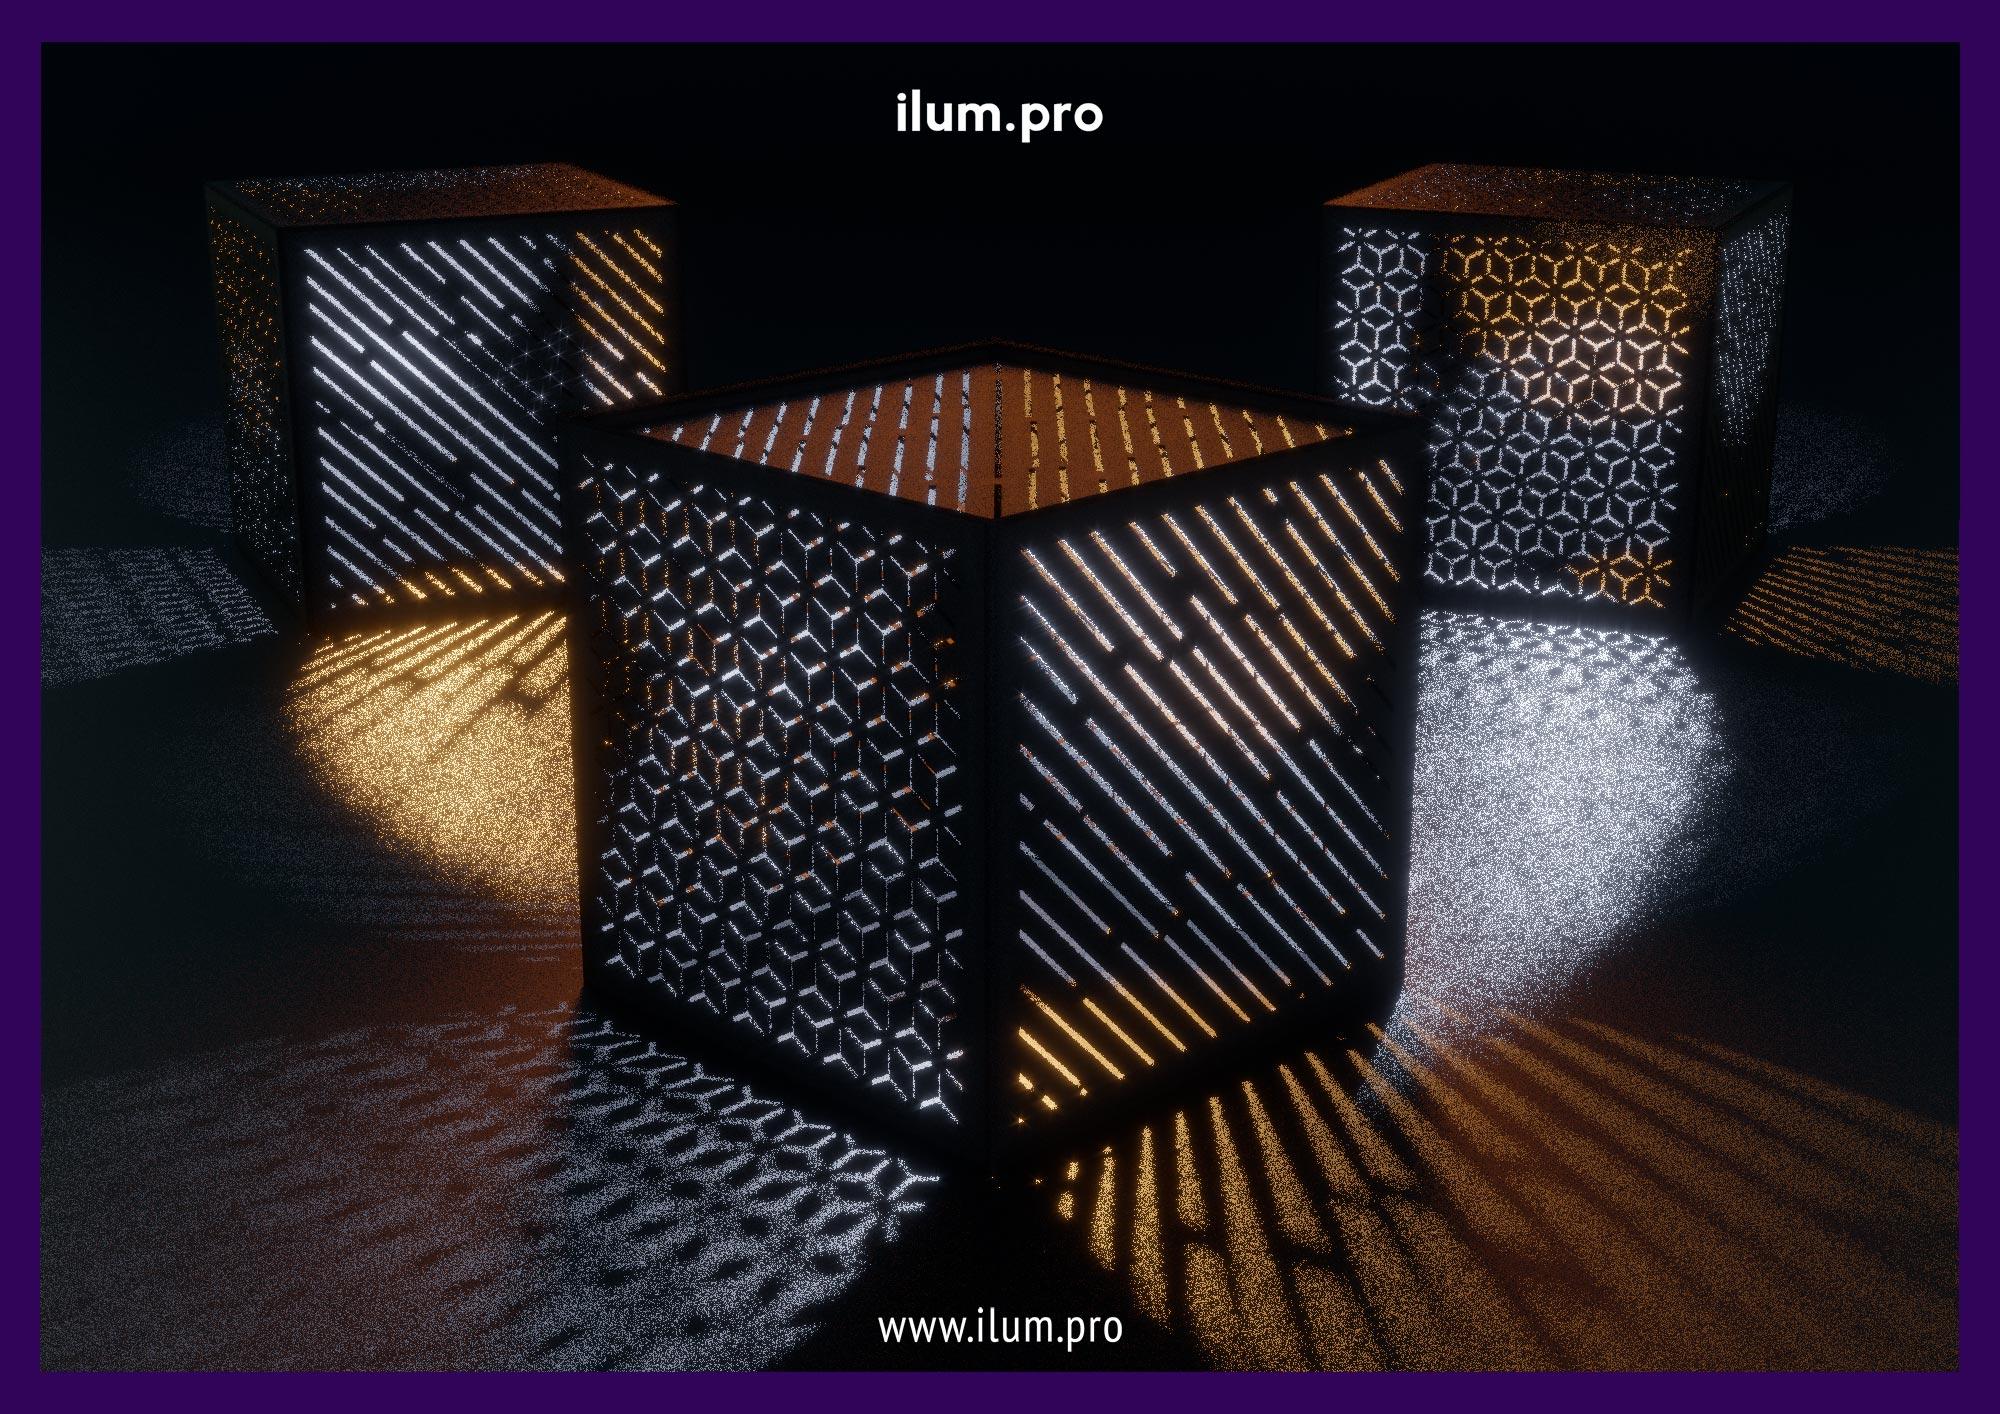 Куб с отверстиями и подсветкой серез щели